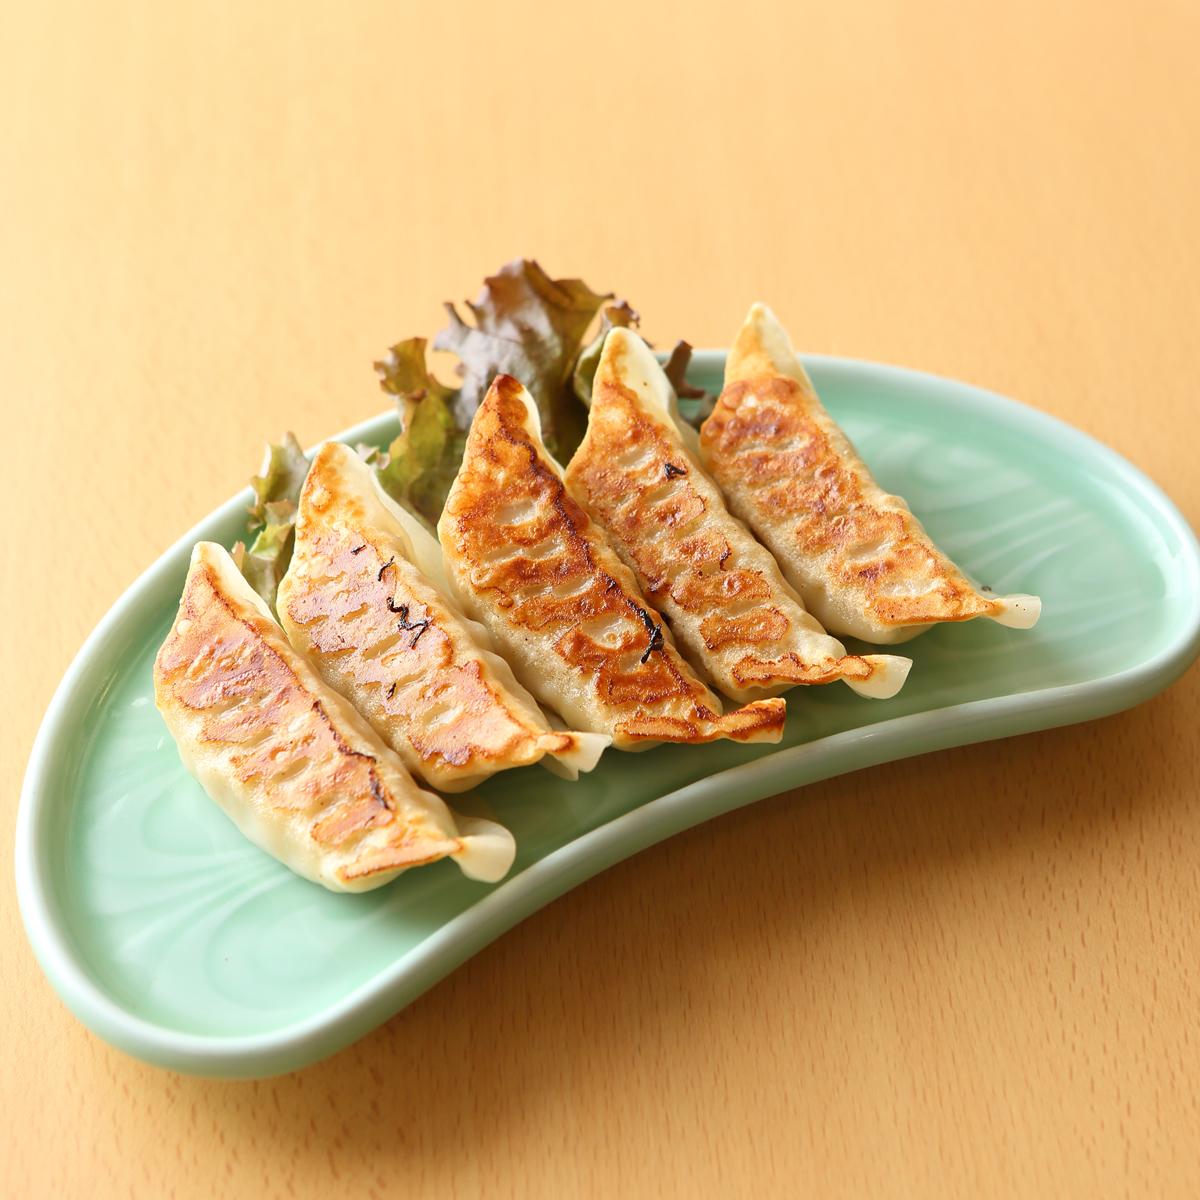 【冷凍】鳥益 鶏餃子 (約500g 1個約28g)約18個~19個 780円